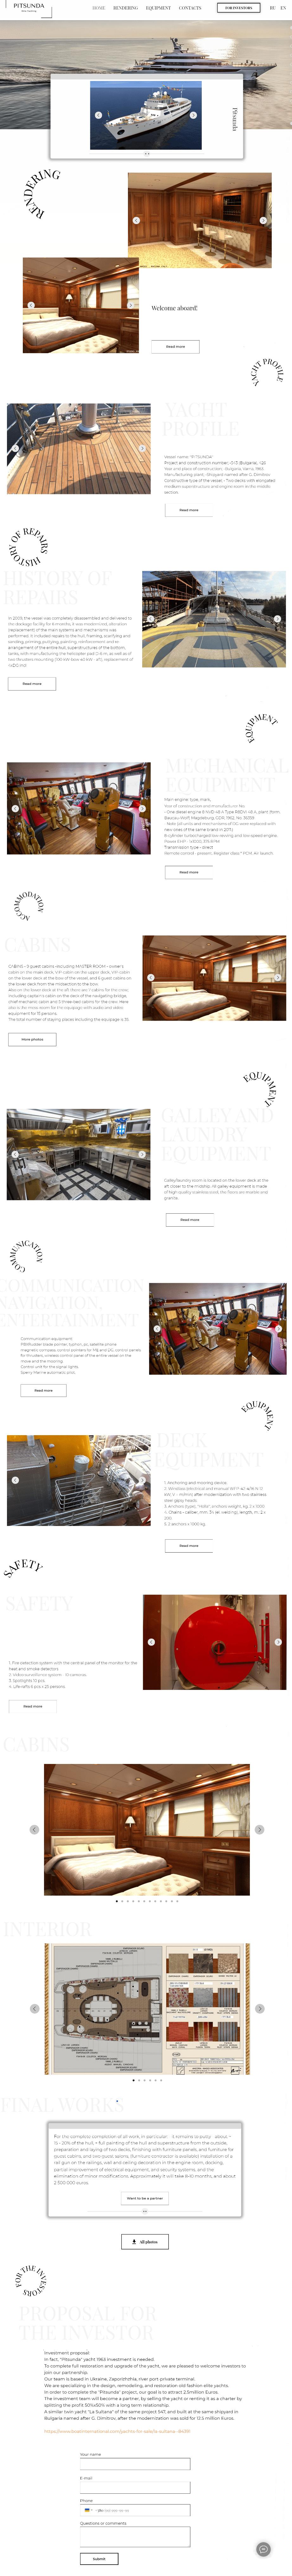 Elite investor luxury yacht Yachting